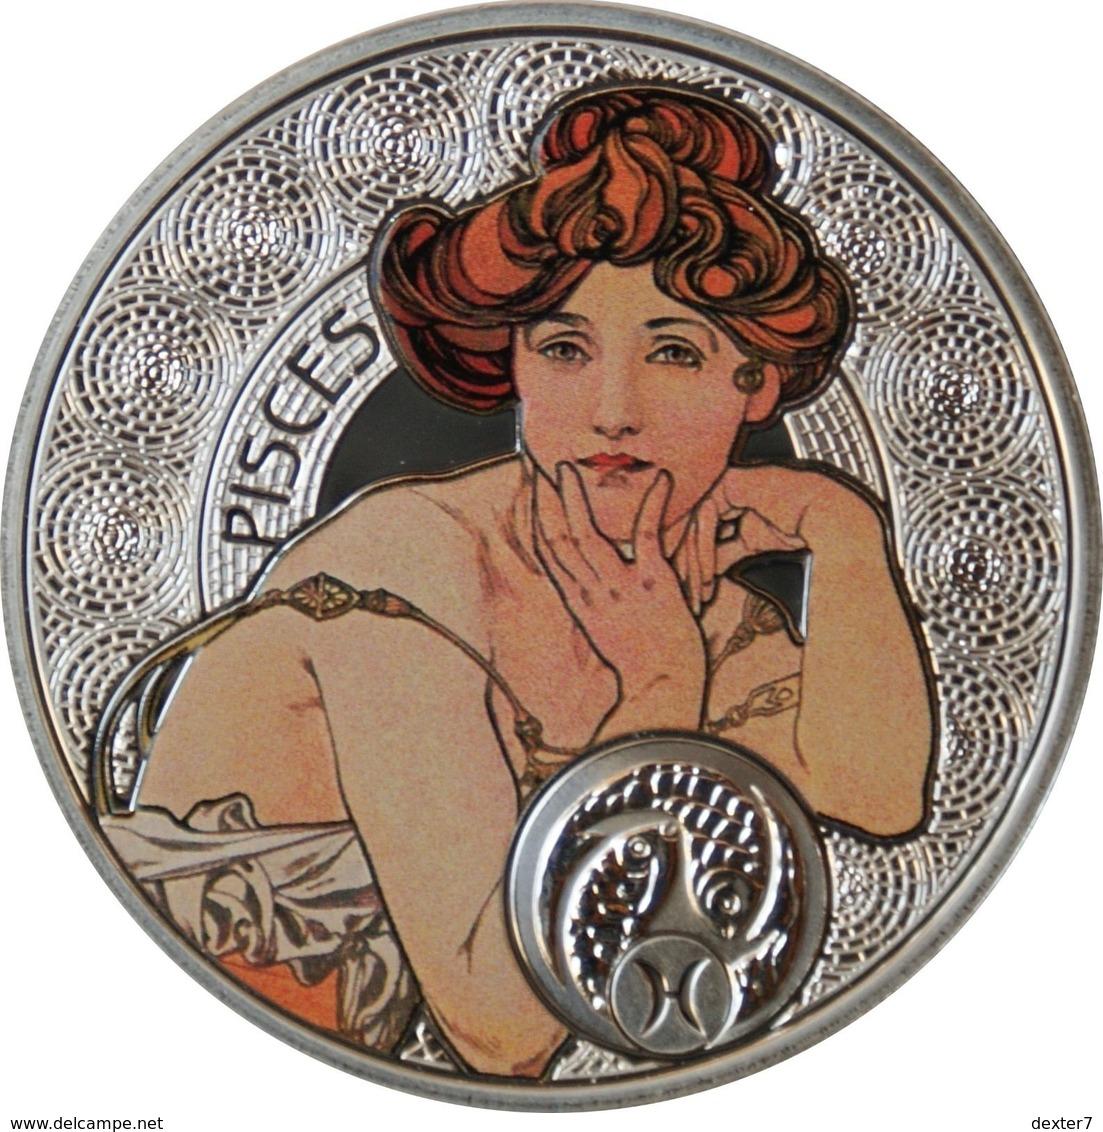 Niue, Mucha Zodiac PISCES 2011 Silver 925 Sterling Box CoA - Zodiaco Segno Zodiacale PESCI Argento 925 - Niue